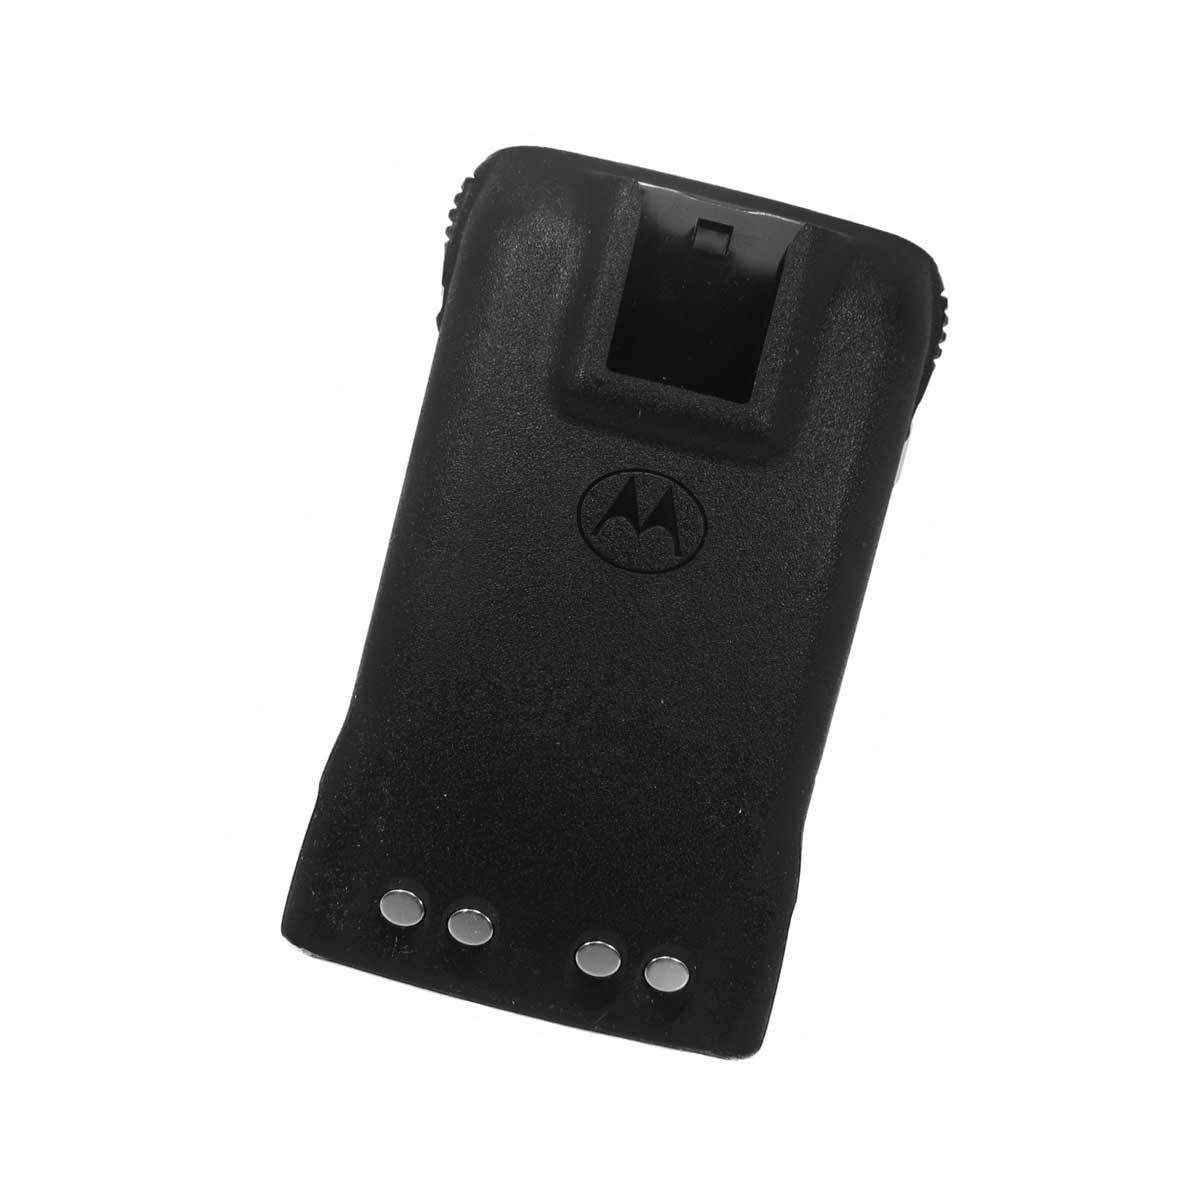 Batería  NiMH 1800 mAh Motorola  de Alta Capacidad HNN9010 IMPRES